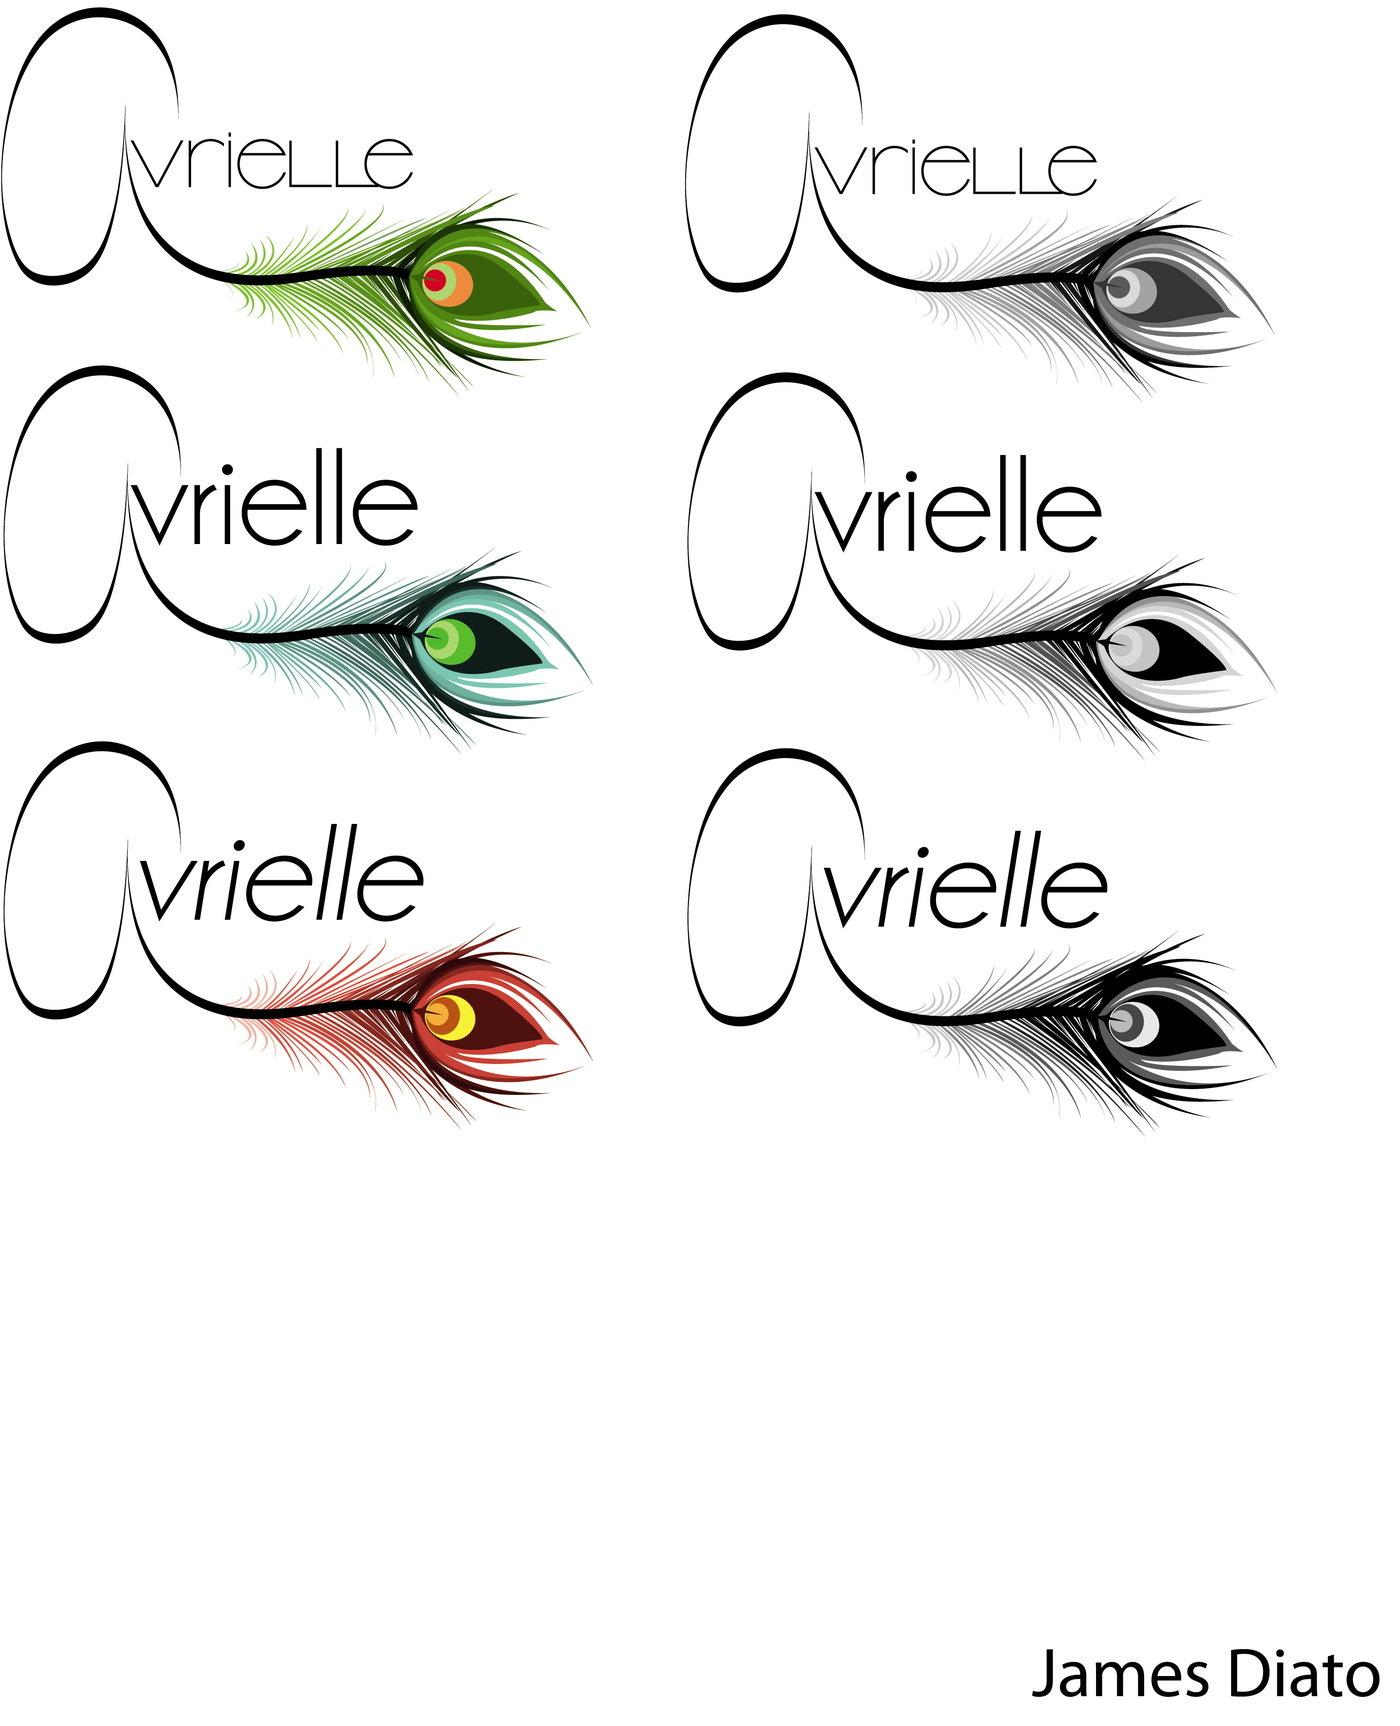 Graphic Design by James Diato at Coroflot.com